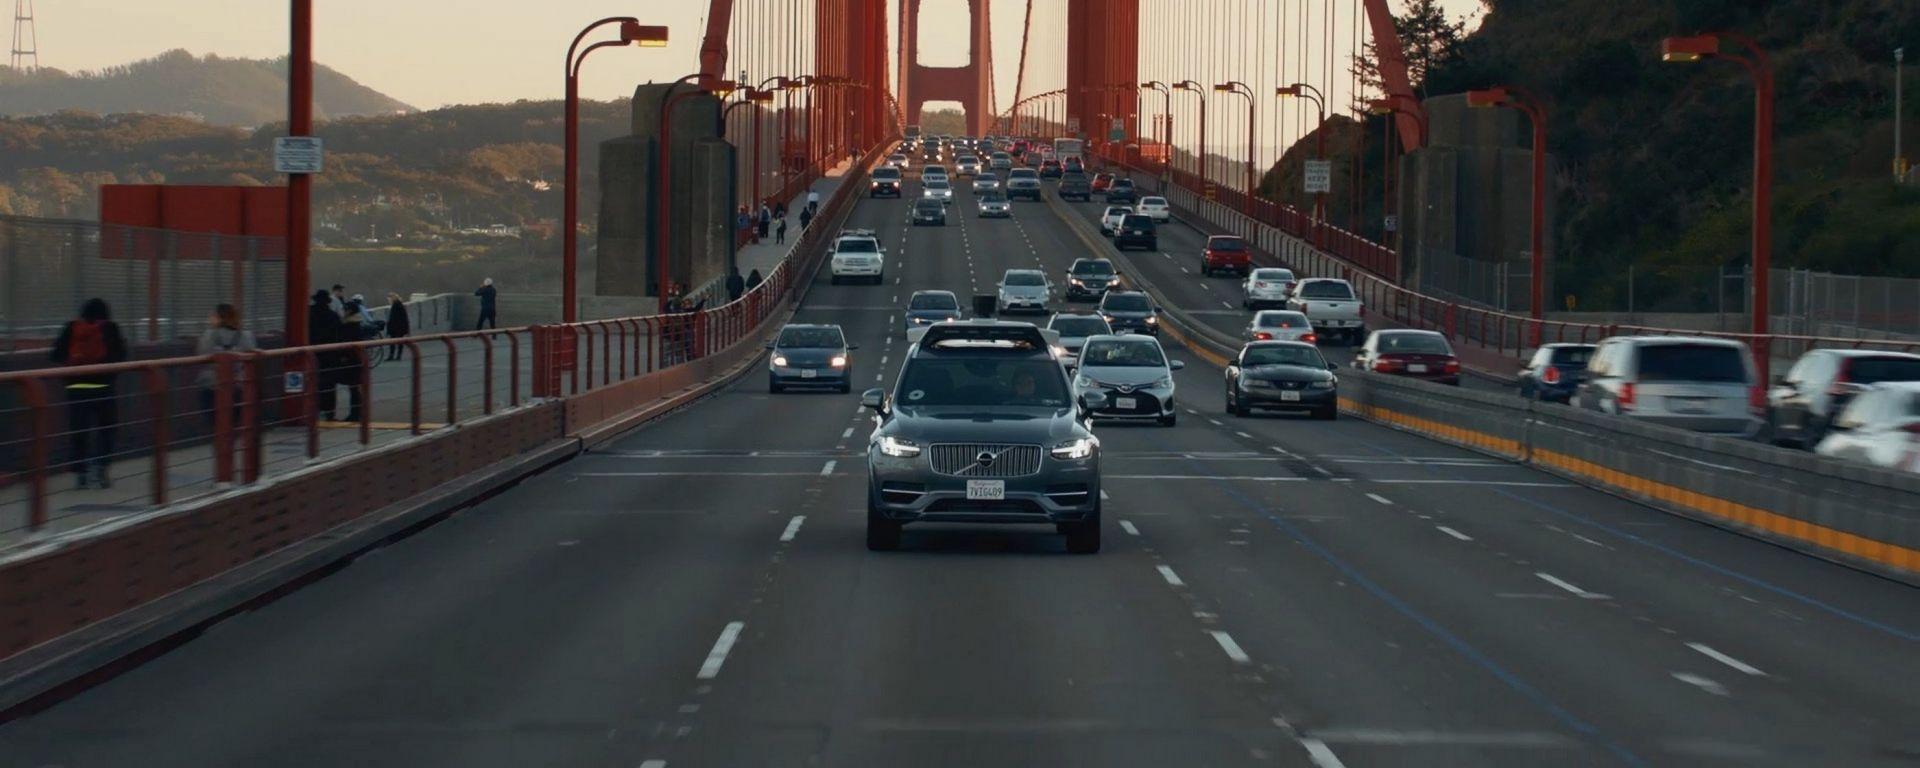 Volvo XC90: ha preso il via a San Francisco la sperimentazione della guida autonoma con Uber